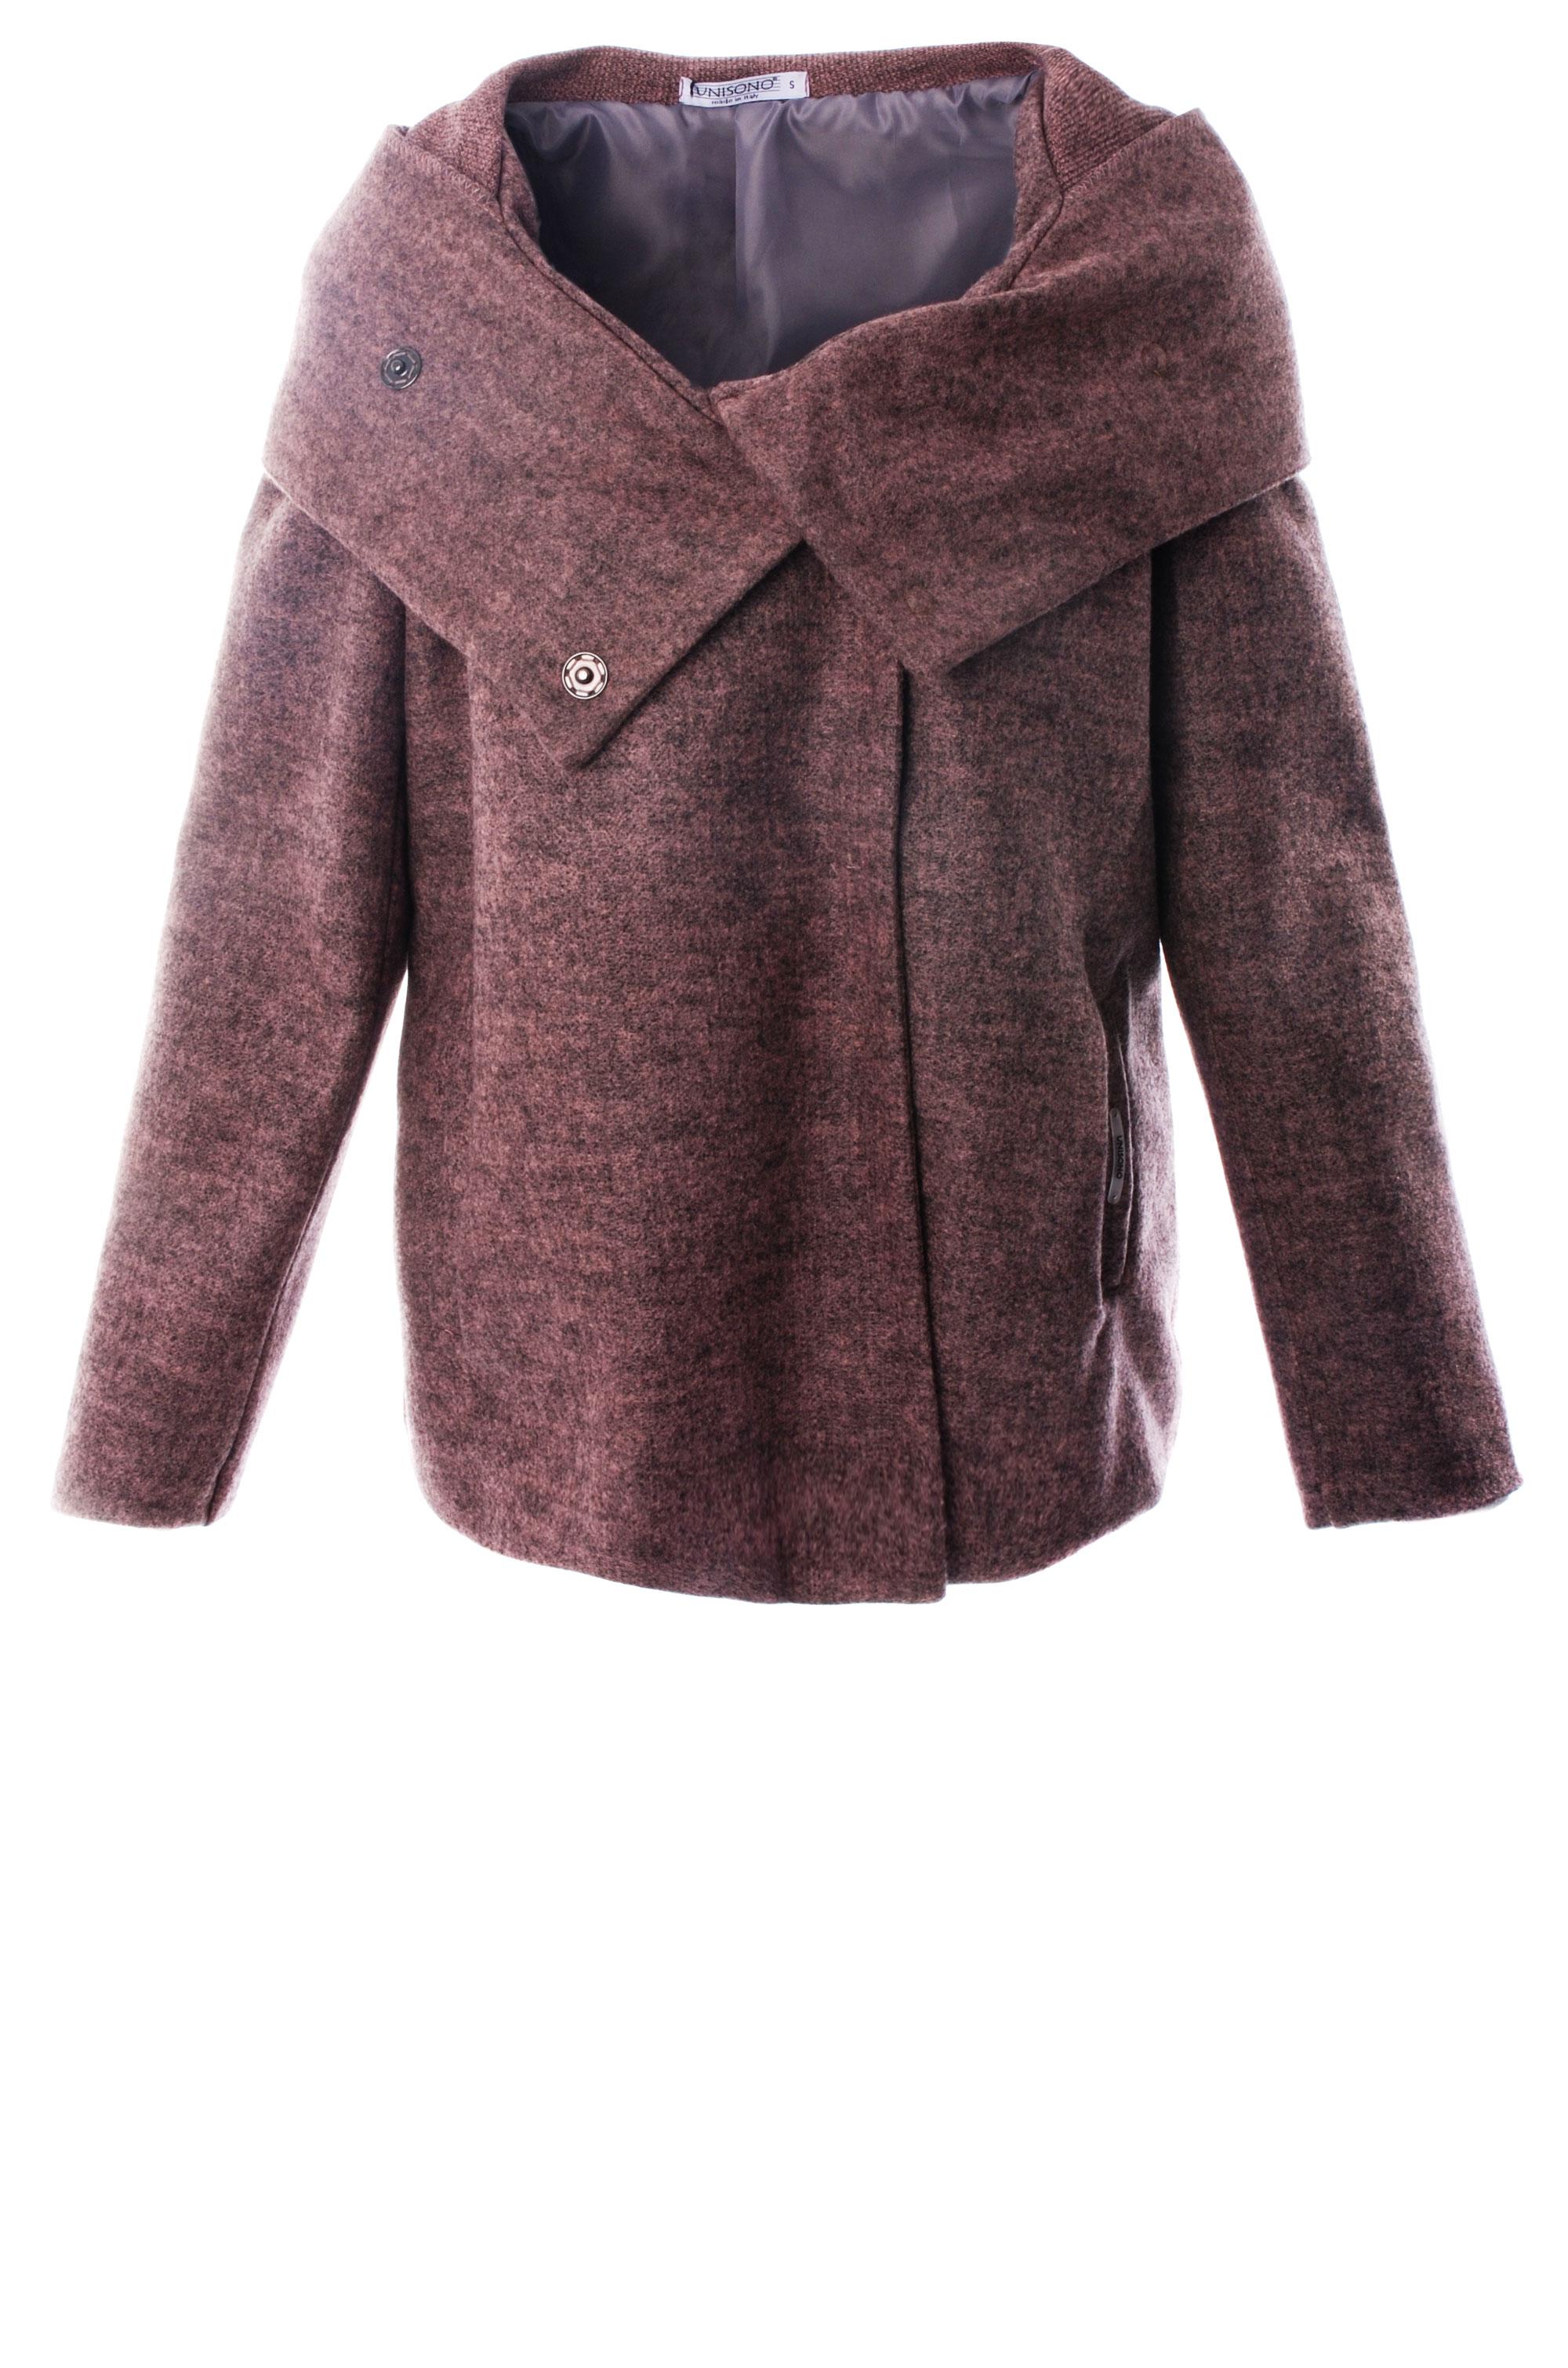 Płaszcz materiałowy - 34-3702 ROSA - Unisono